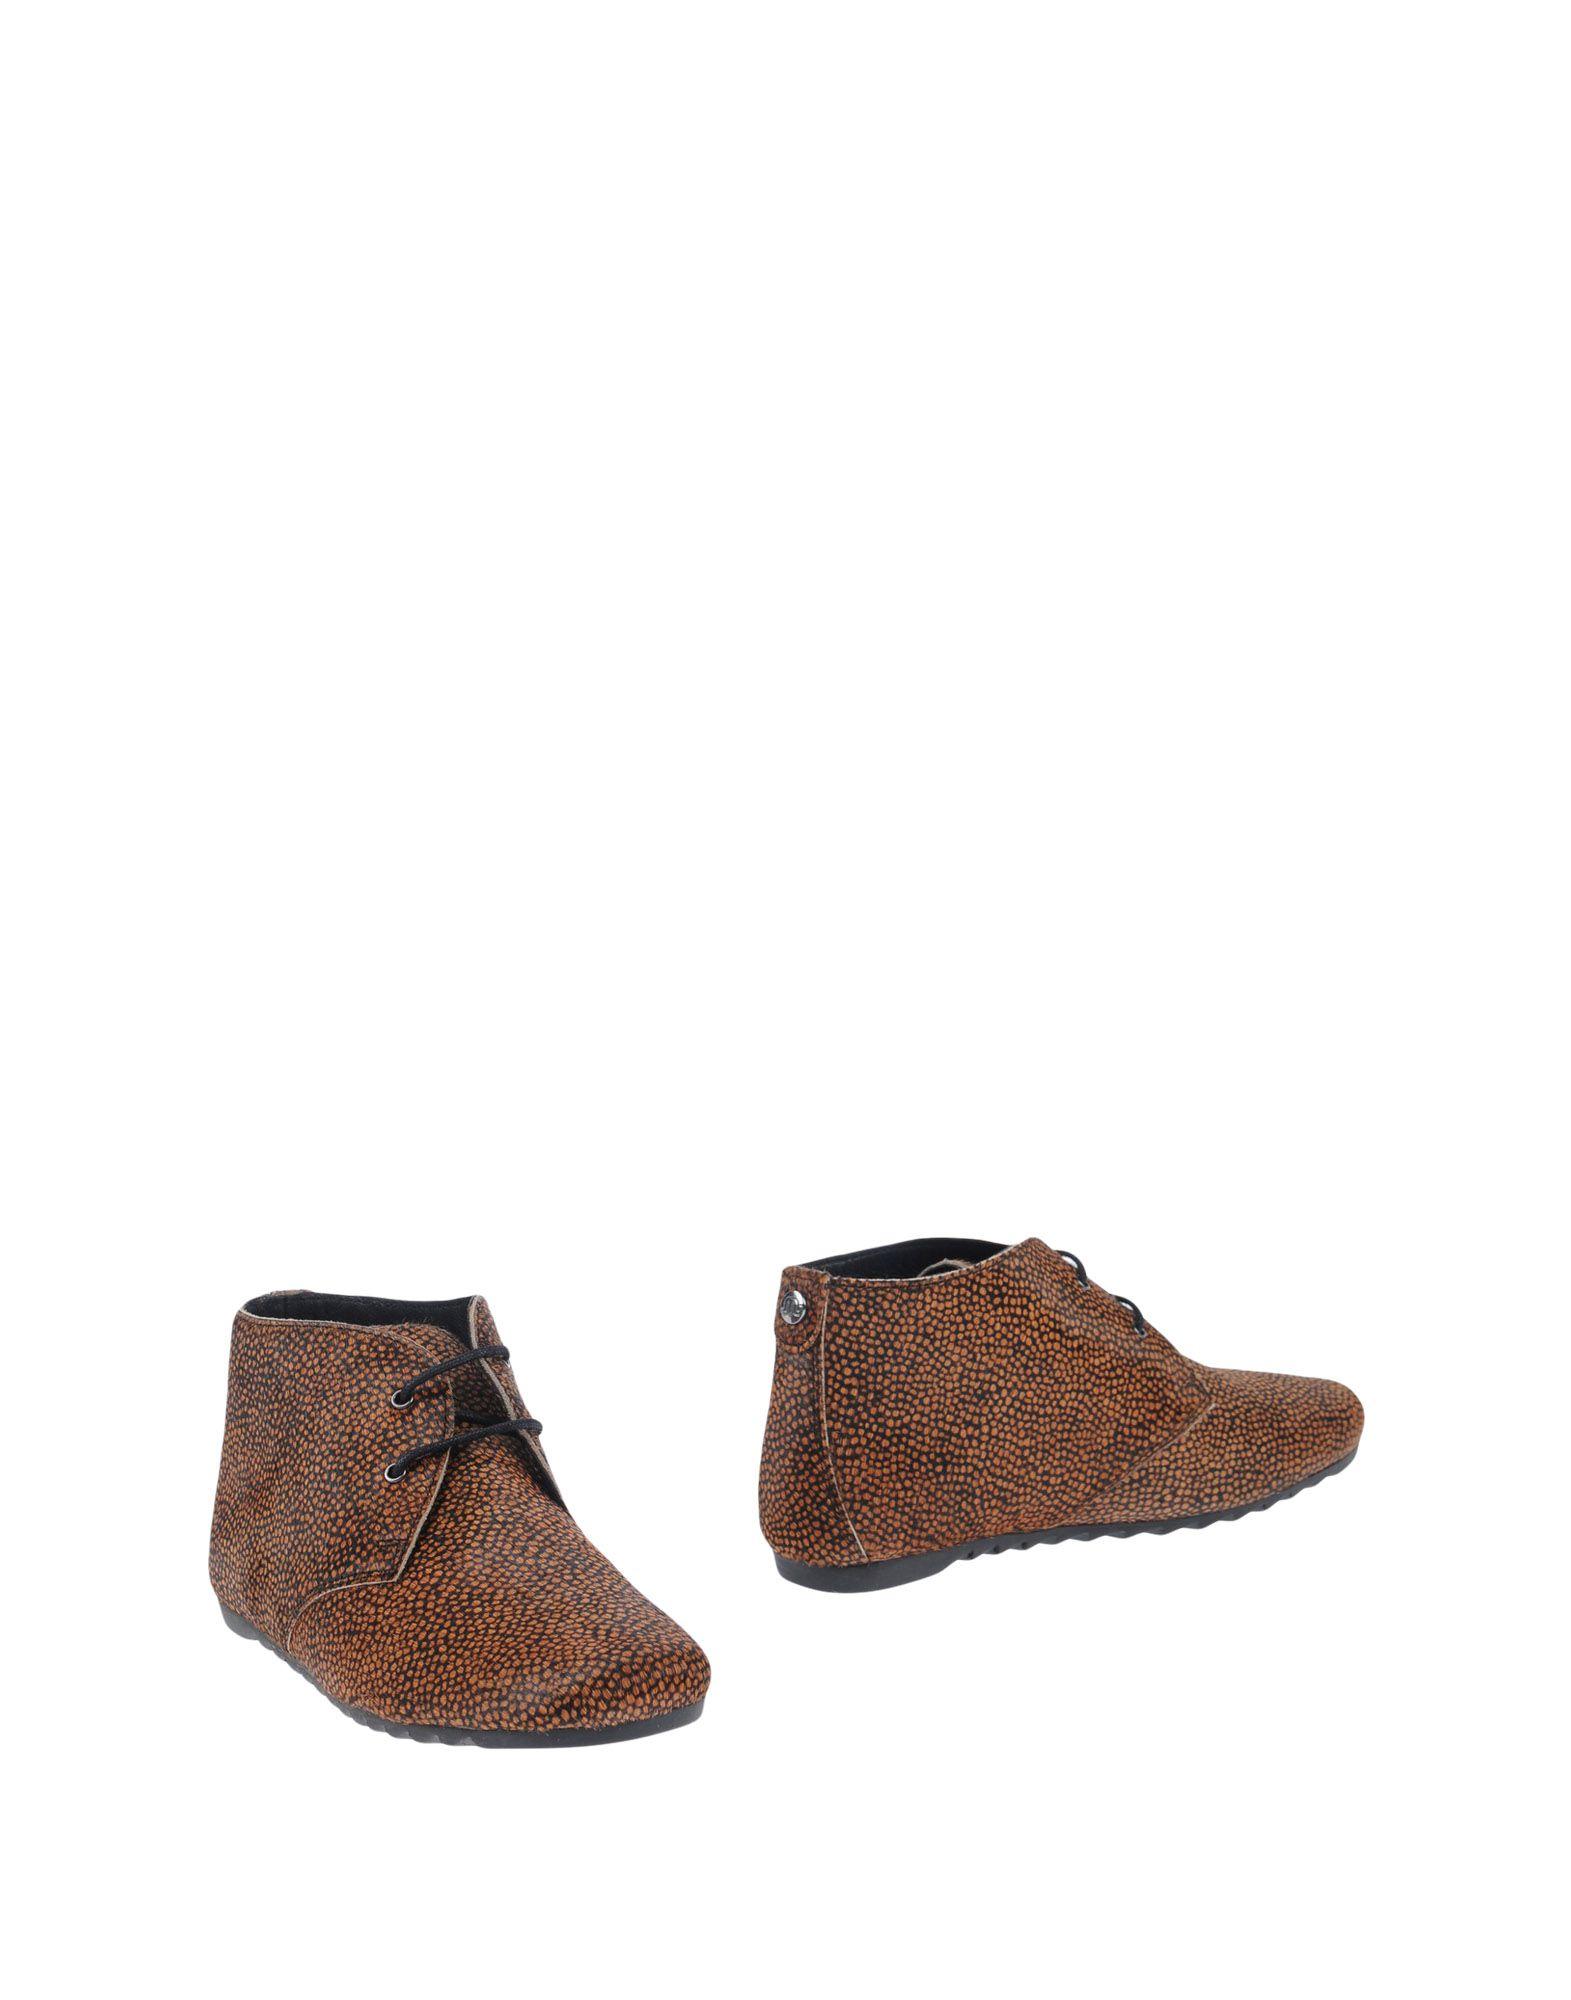 Maruti Stiefelette Damen  11496058SV Gute Qualität beliebte Schuhe